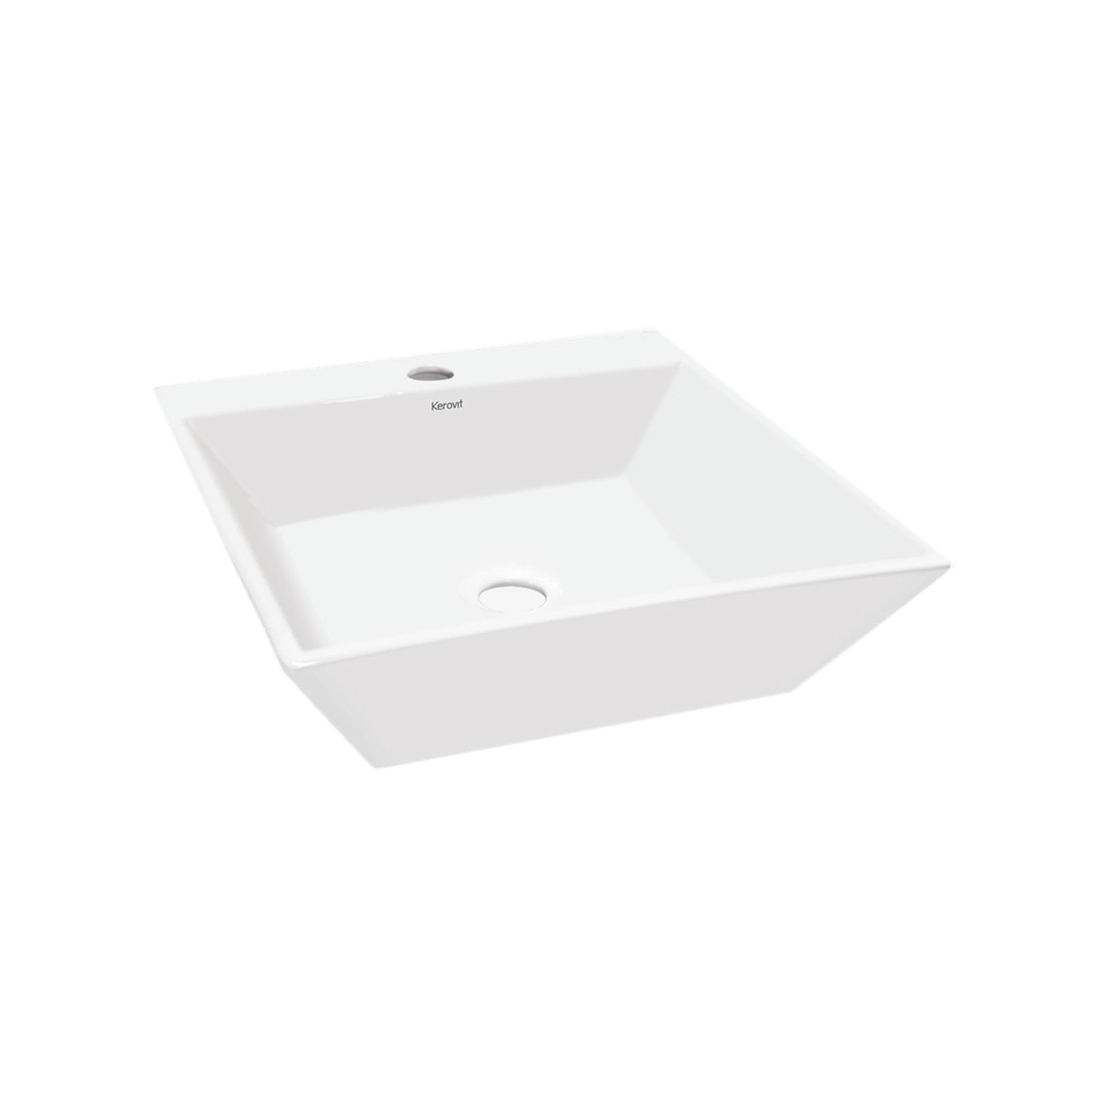 Kerovit Jazz KS245 Counter Top Wash Basin